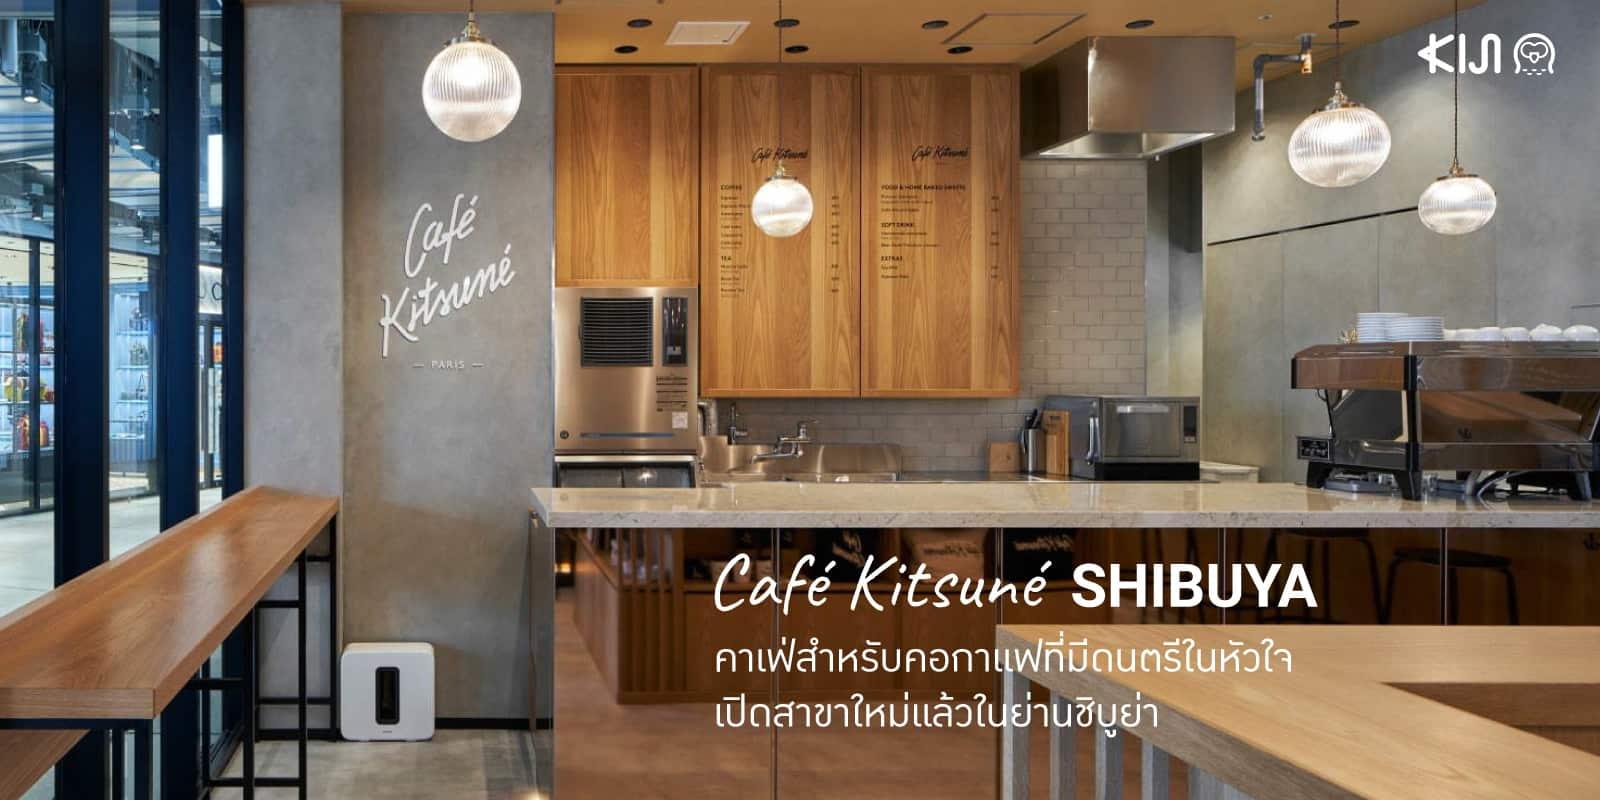 Café Kitsuné SHIBUYA